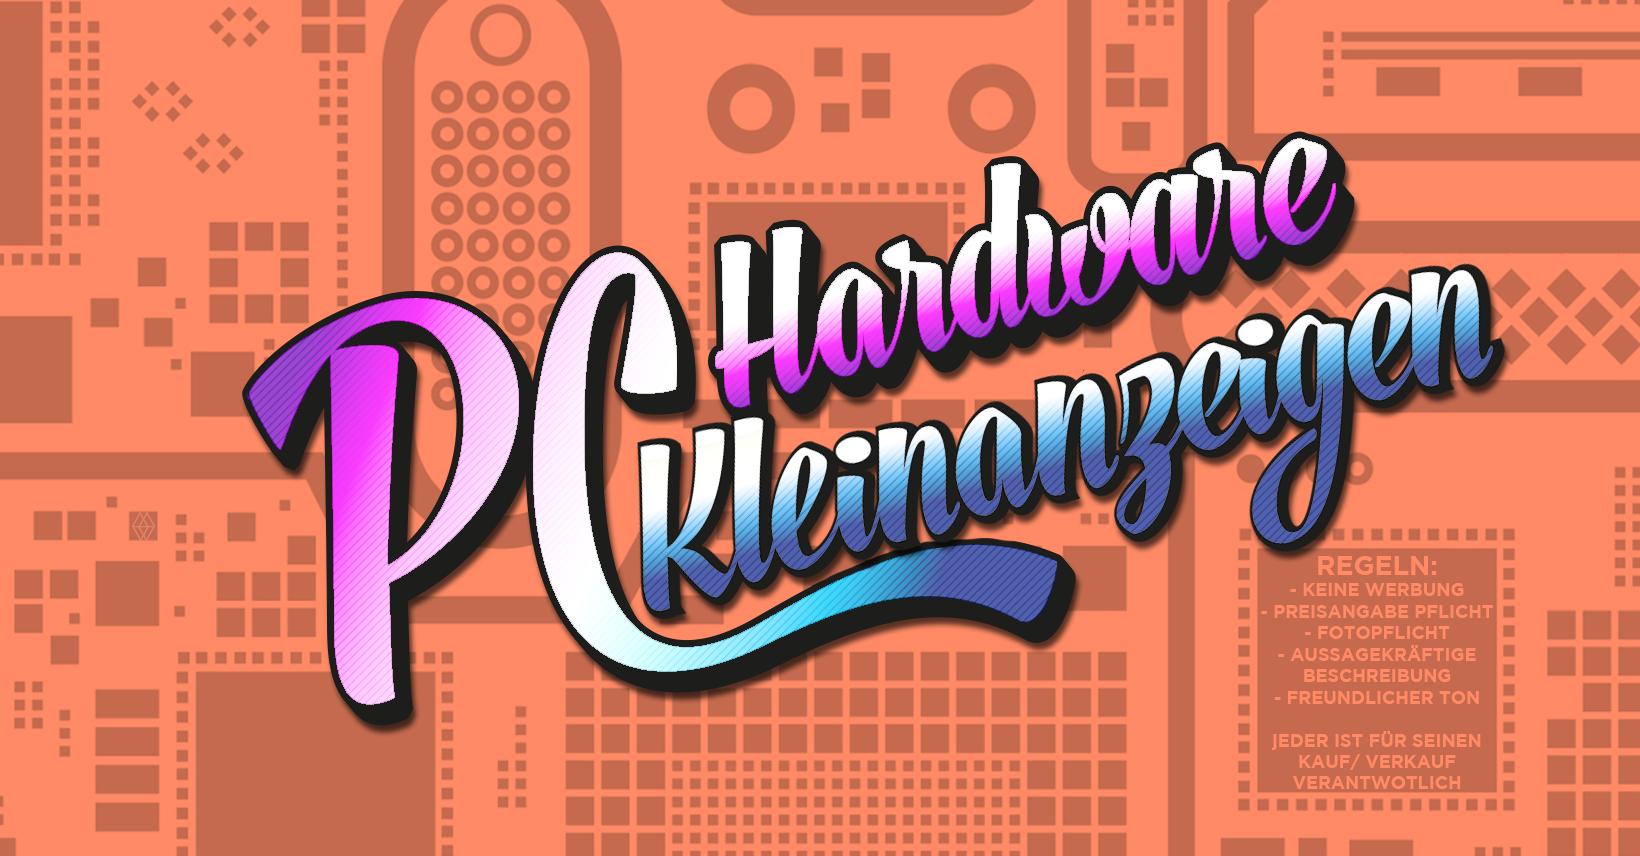 PC Hardware Kleinanzeigen Banner